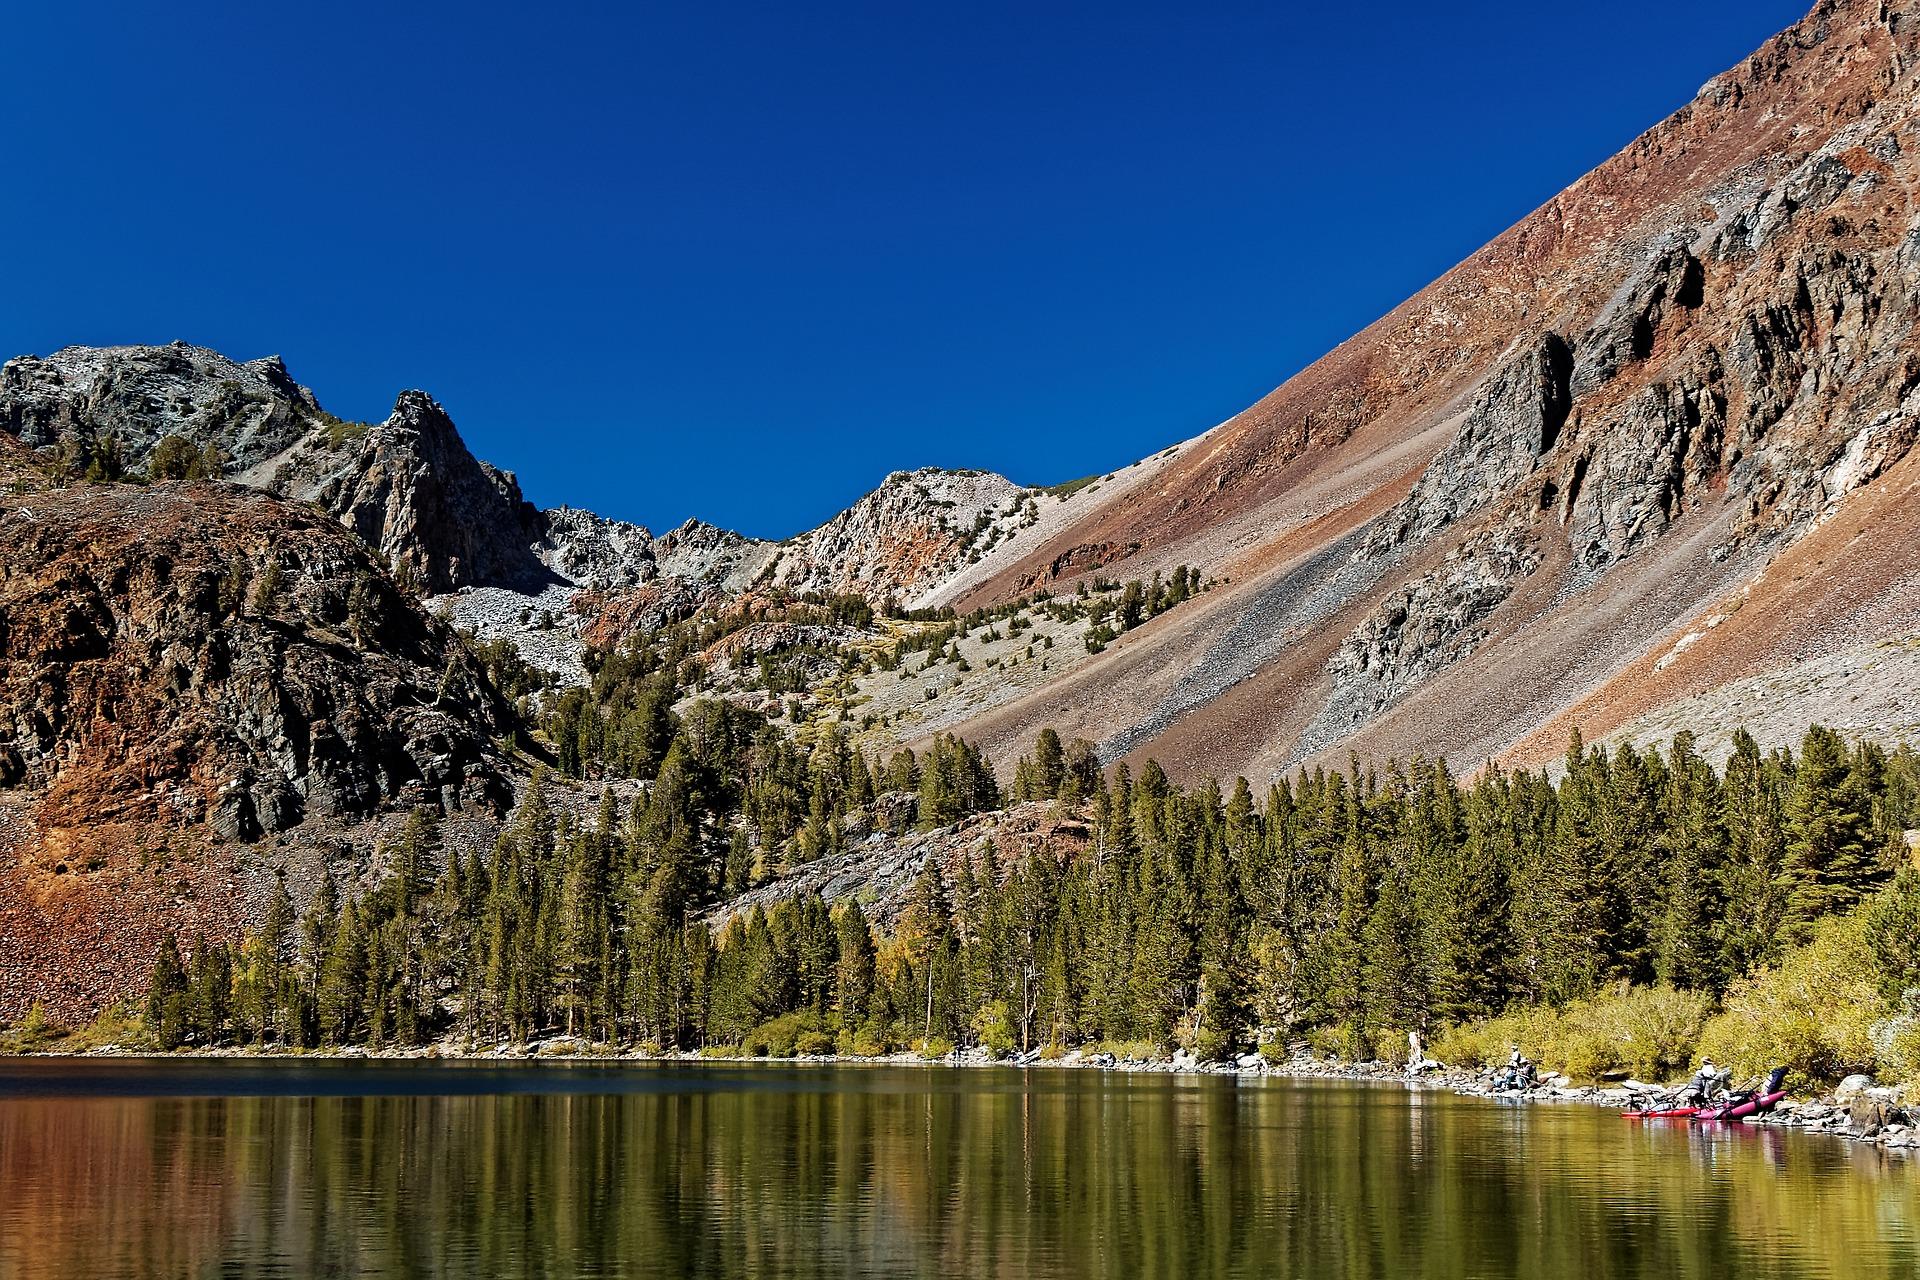 Lake in Yosemite National Park in California, USA